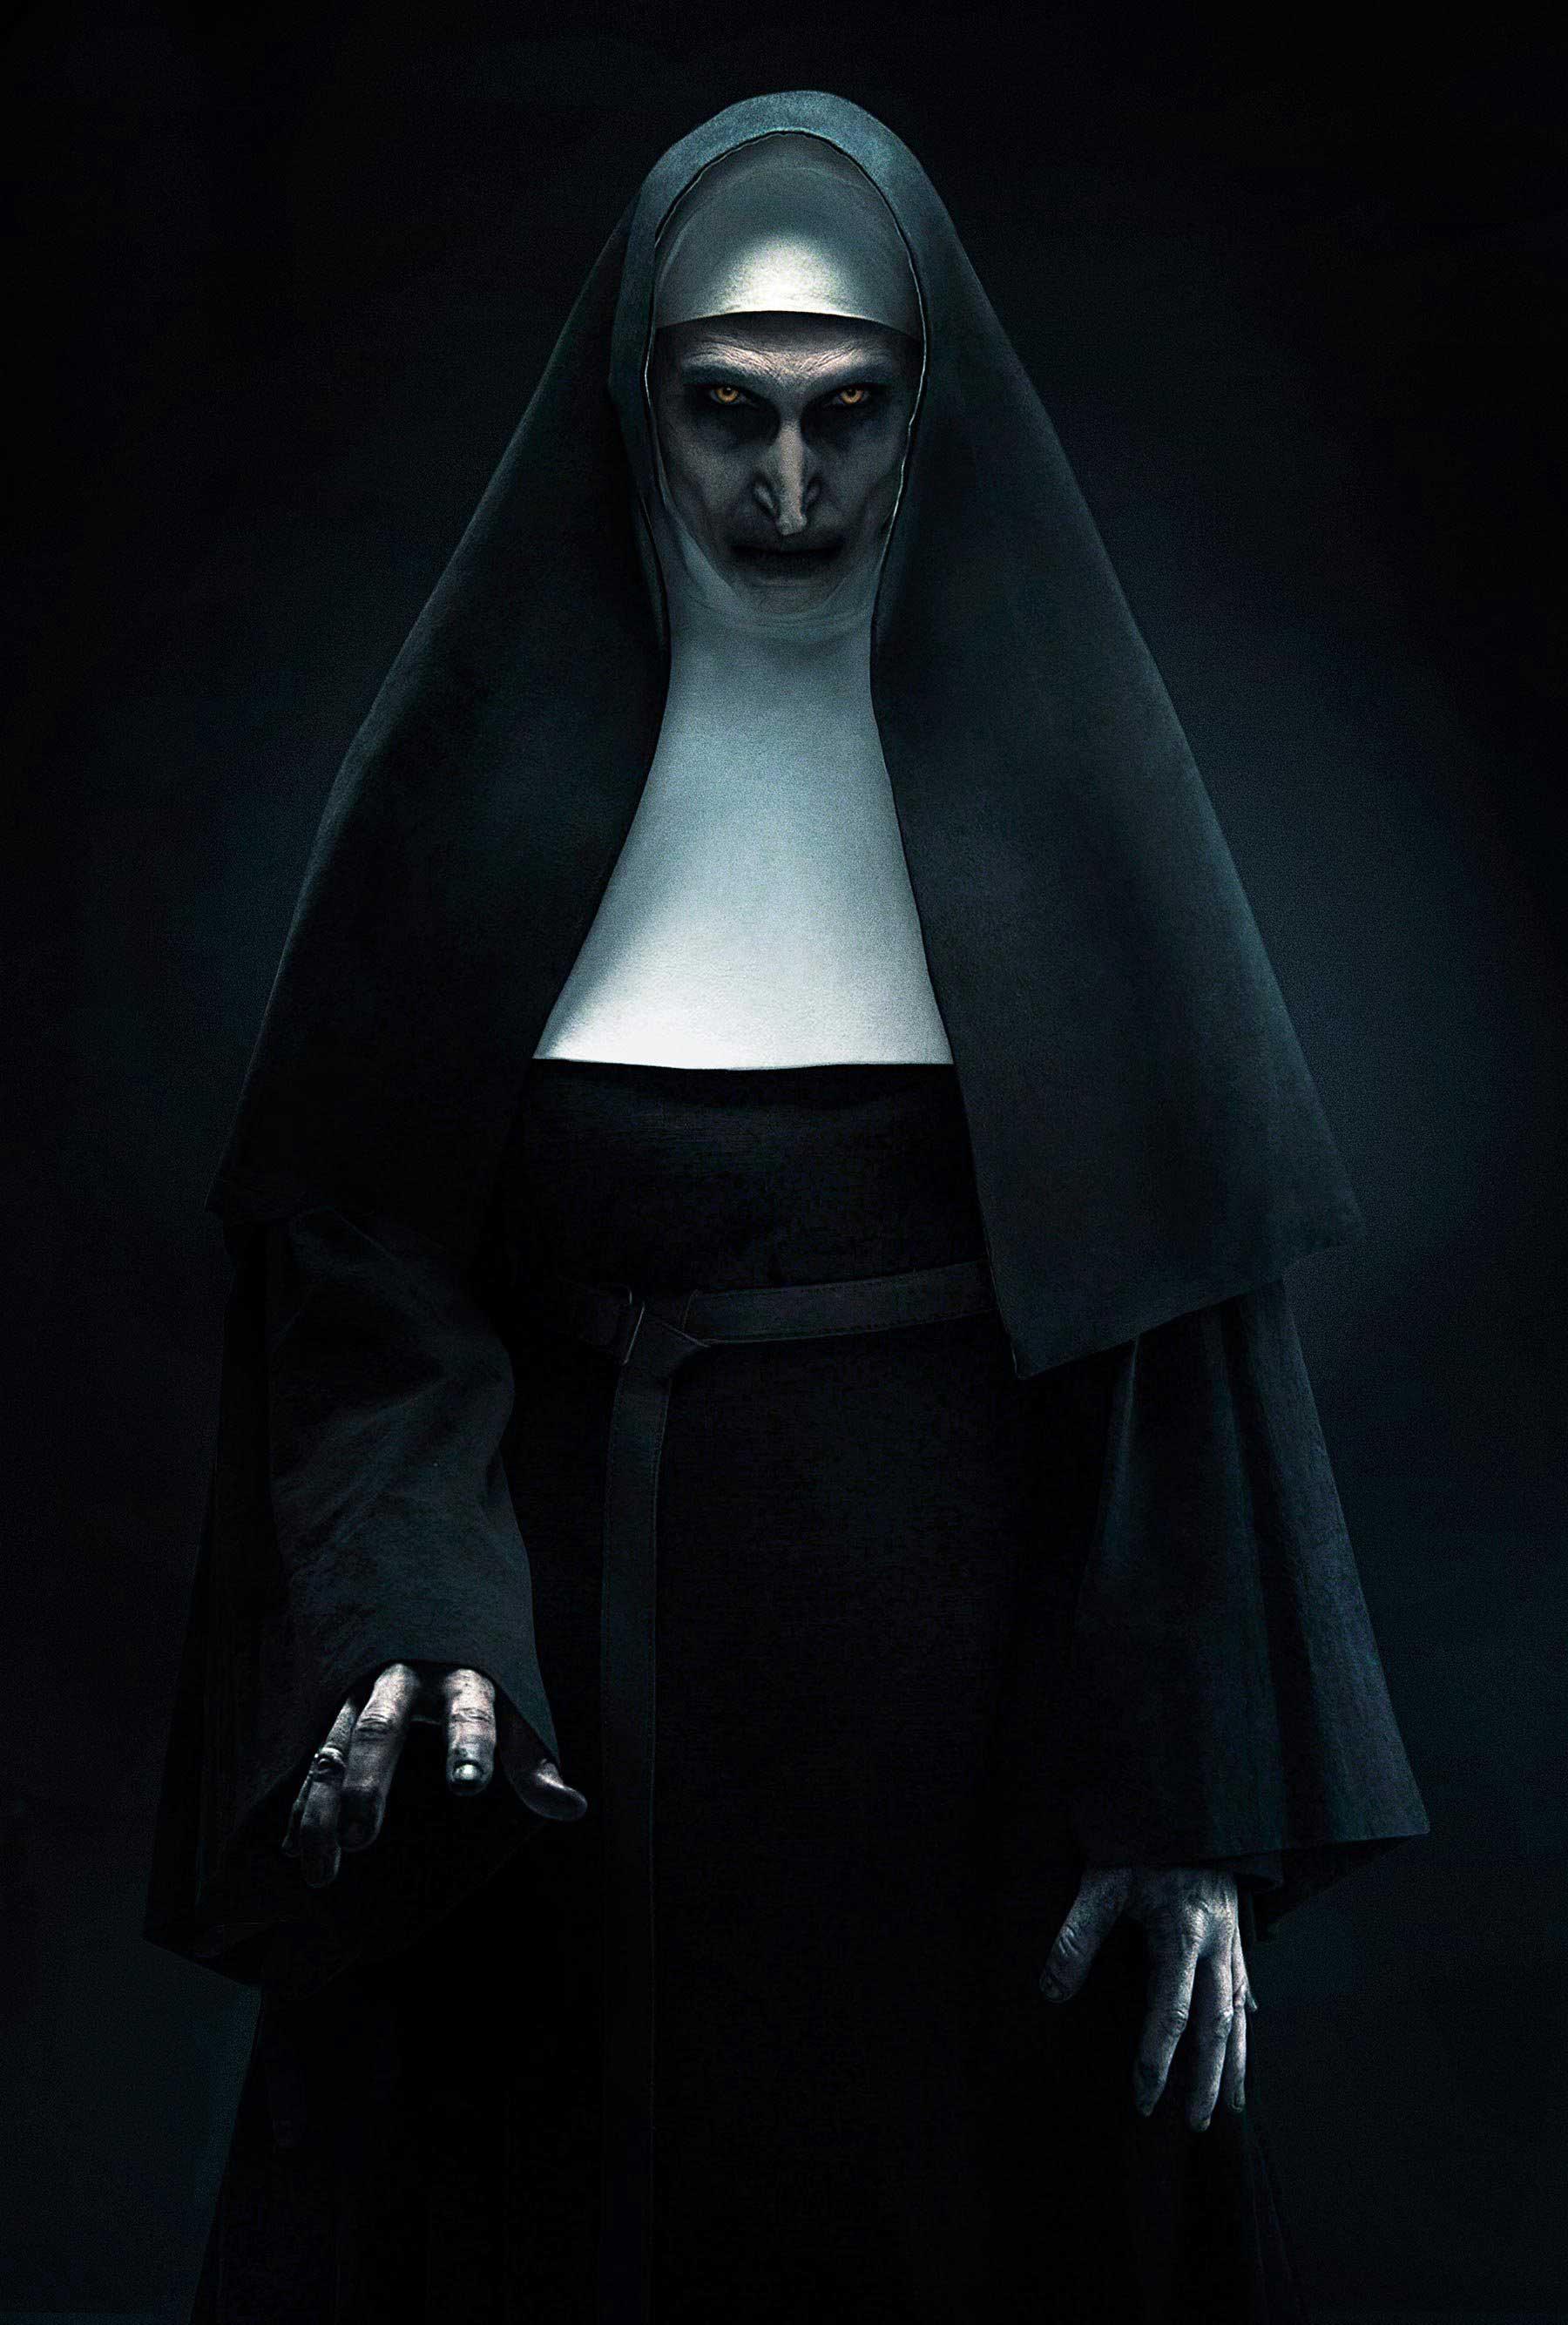 The Nun - Prima immagine ufficiale del film